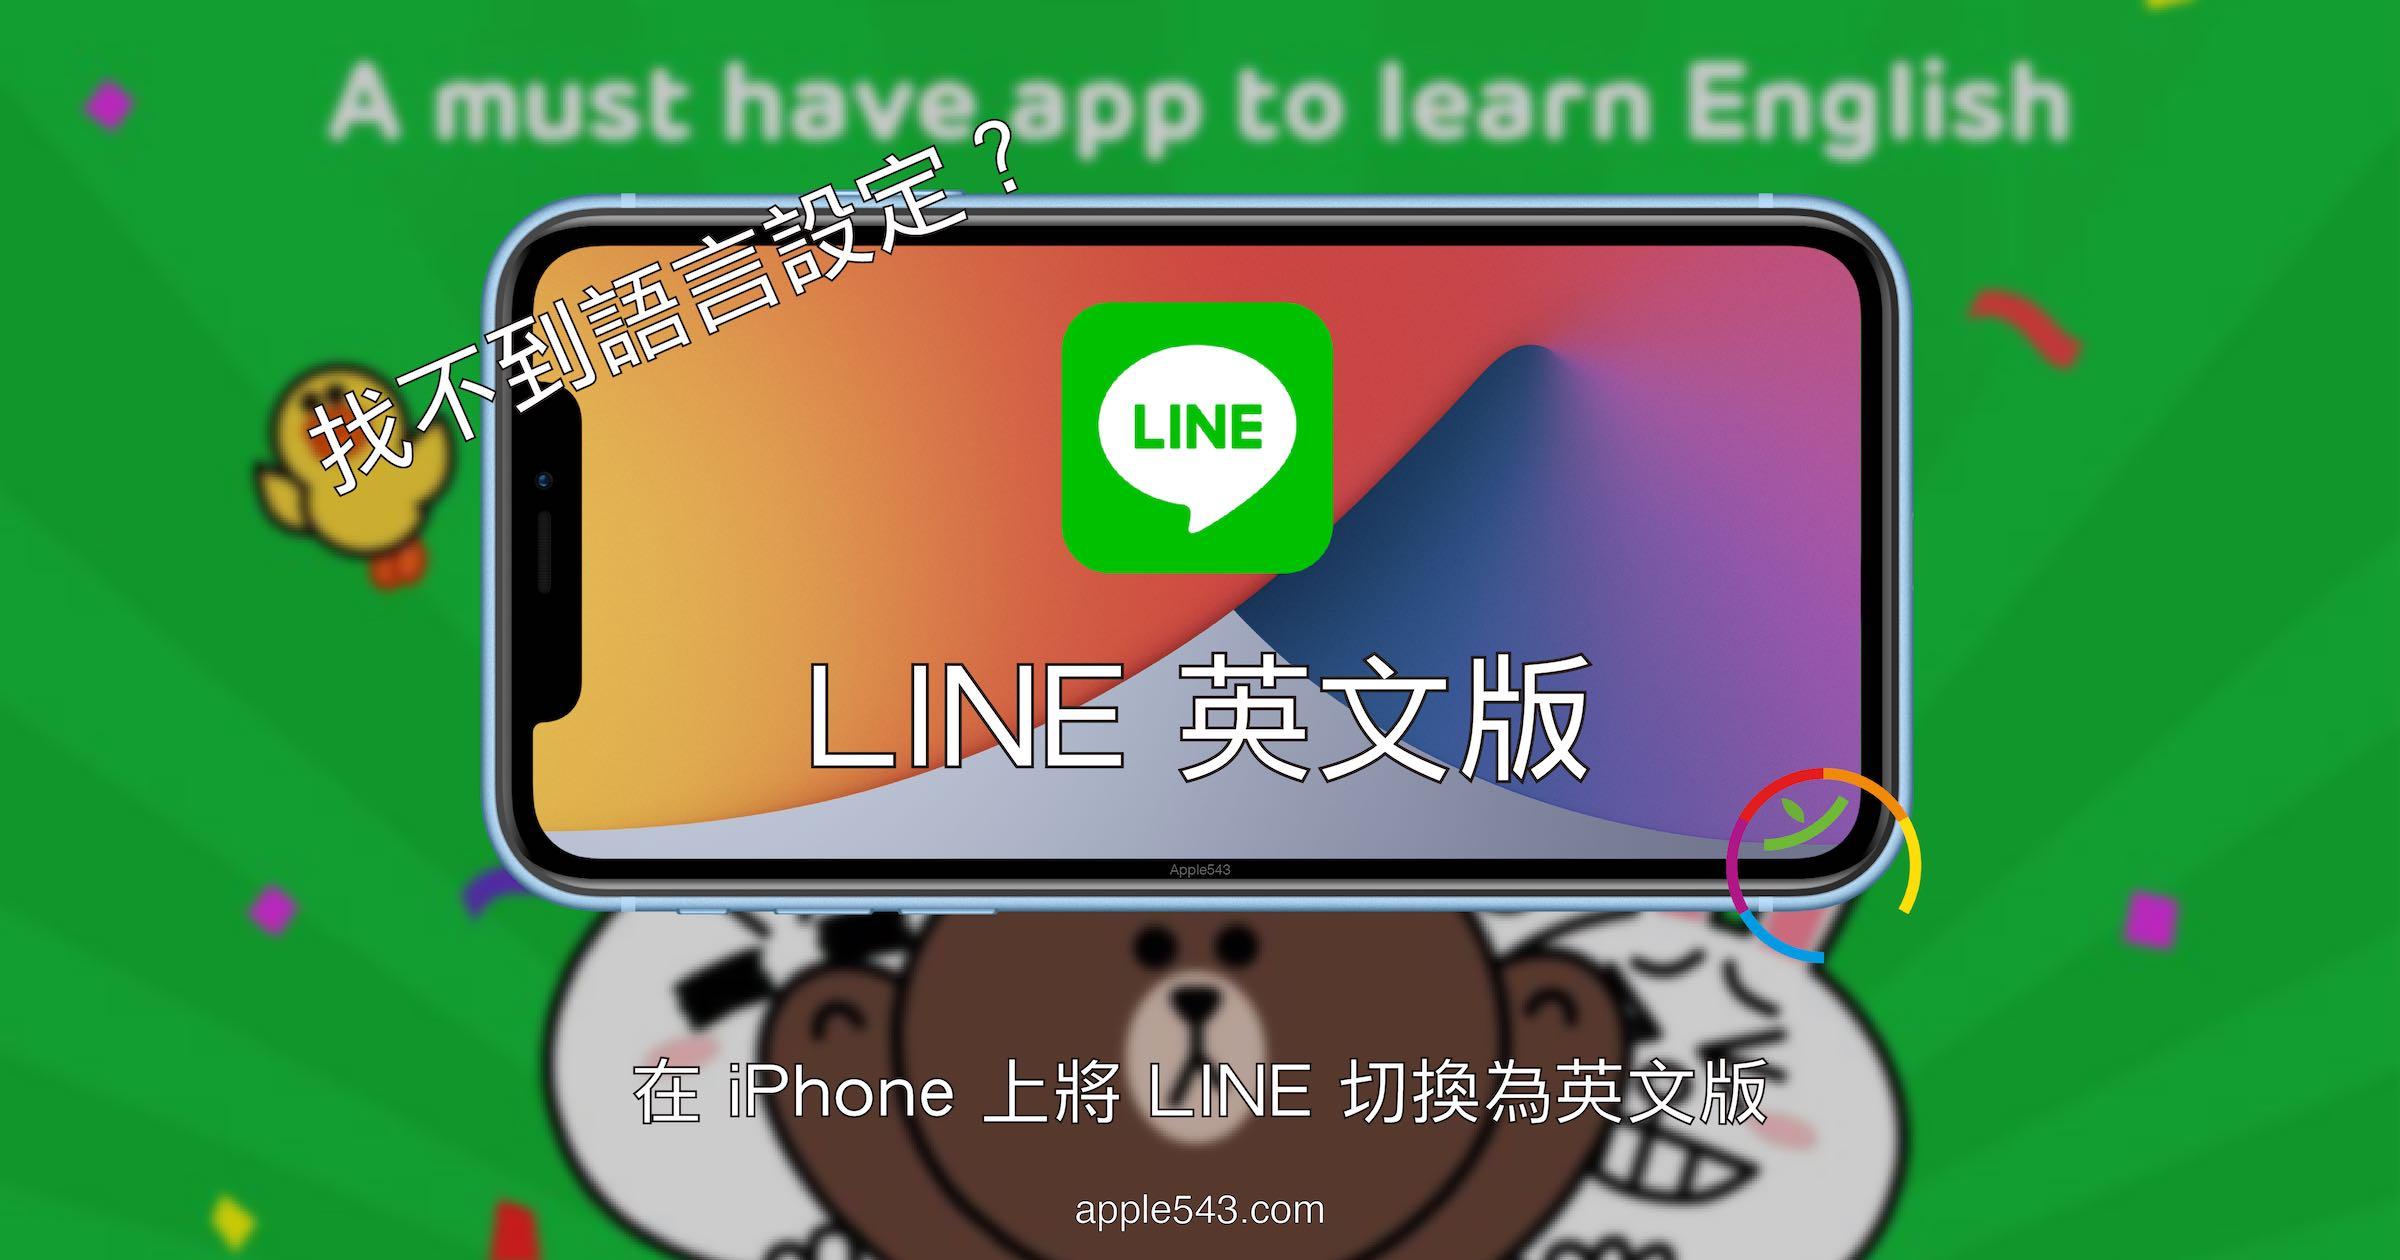 LINE 英文版